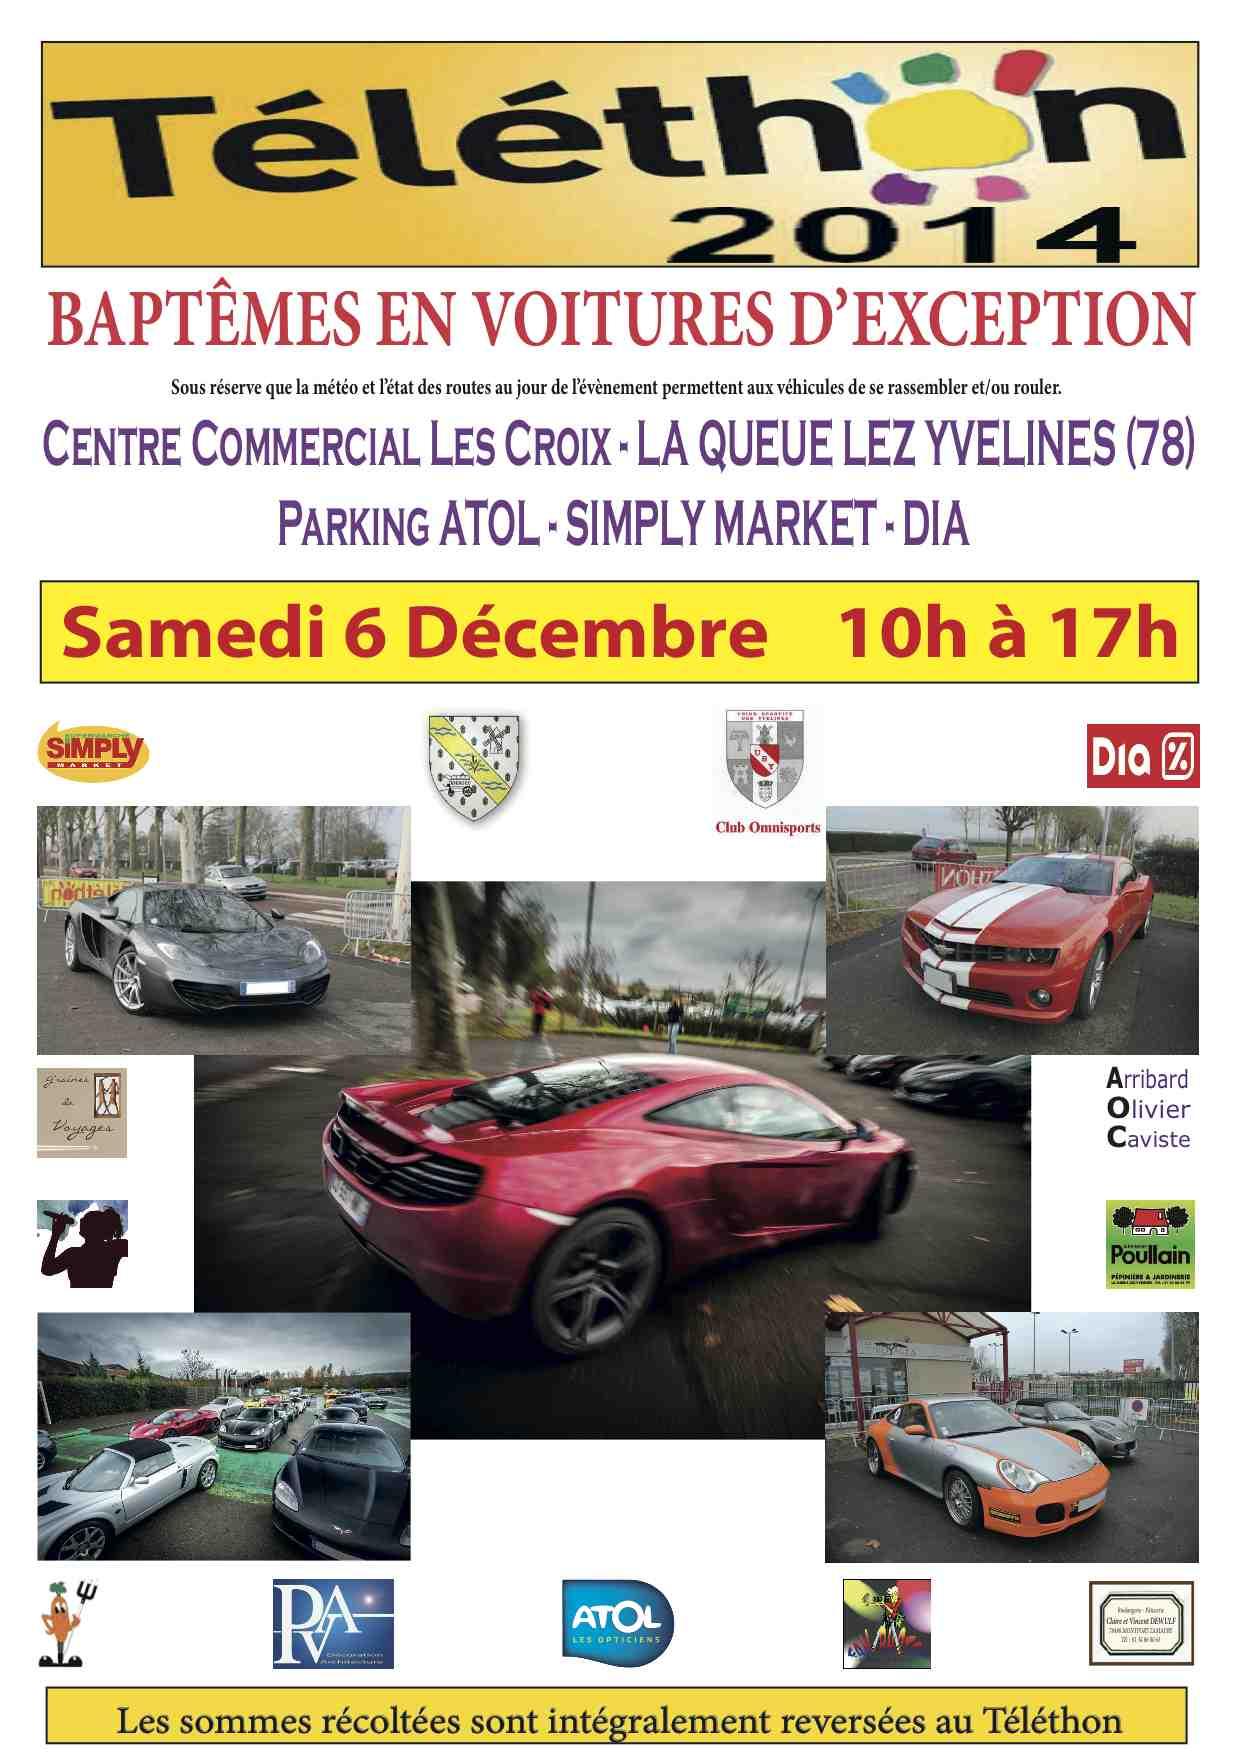 Téléthon 2014 La-Queue-Lez-Yvelines (78) Affich10